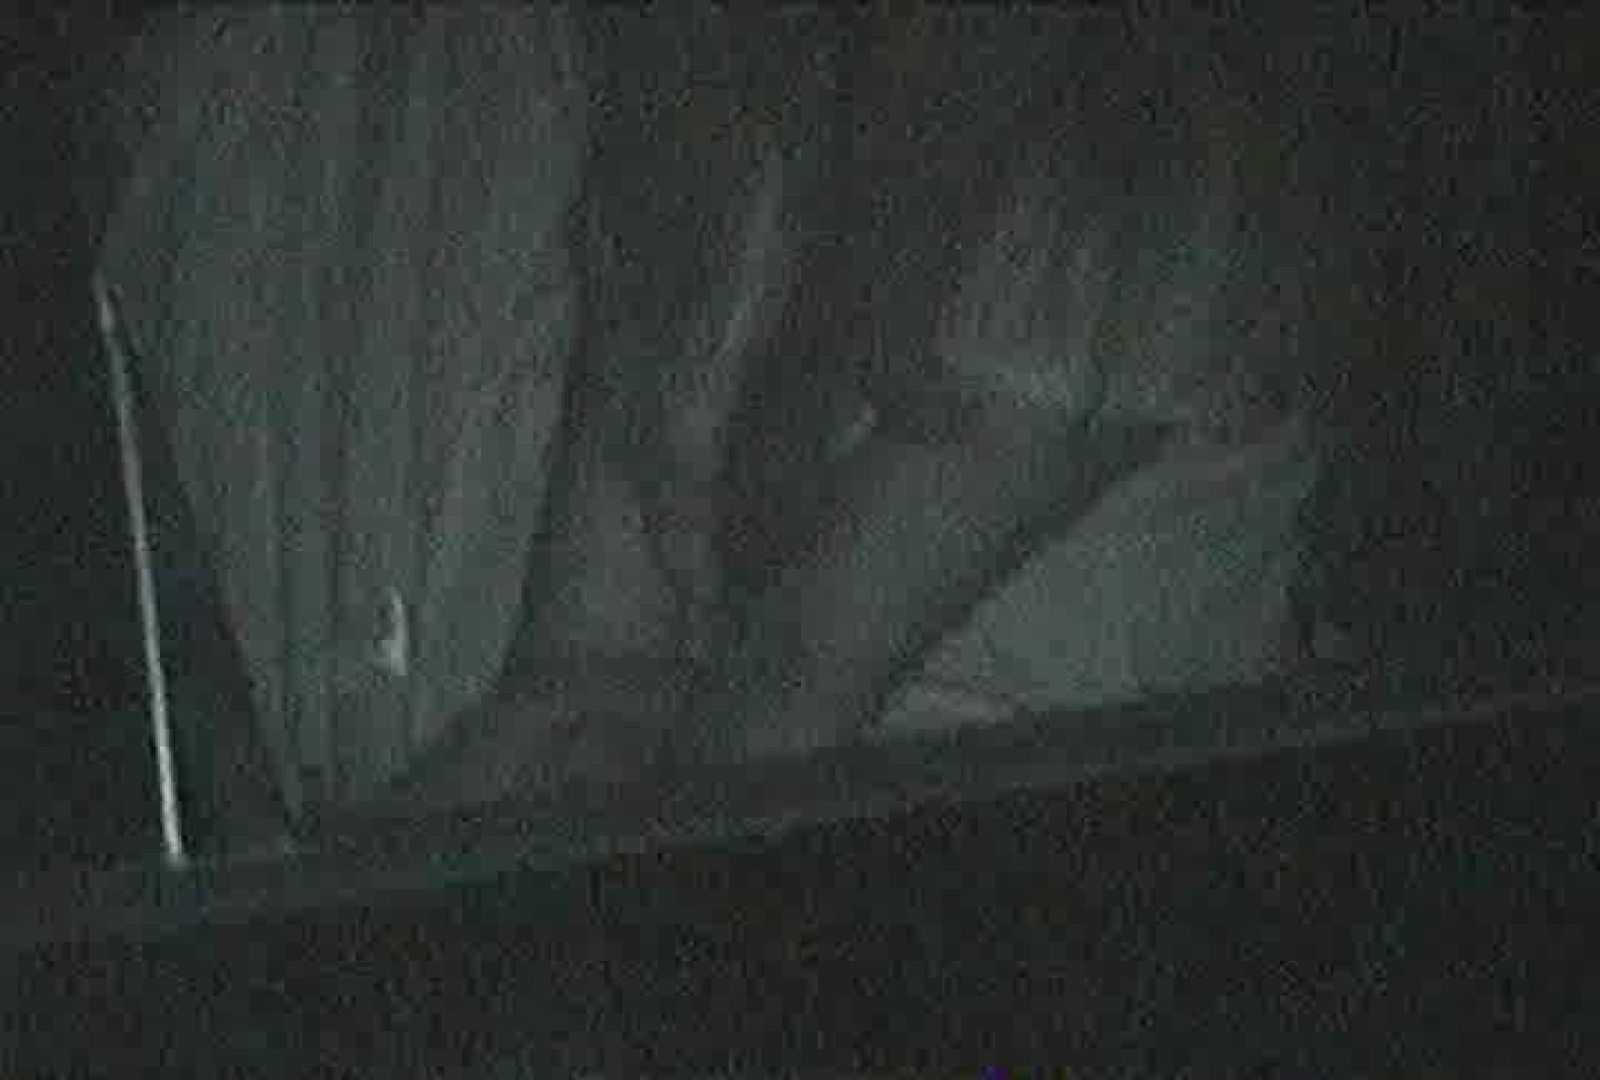 充血監督の深夜の運動会Vol.87 マンコ無修正 | OLセックス  93画像 1